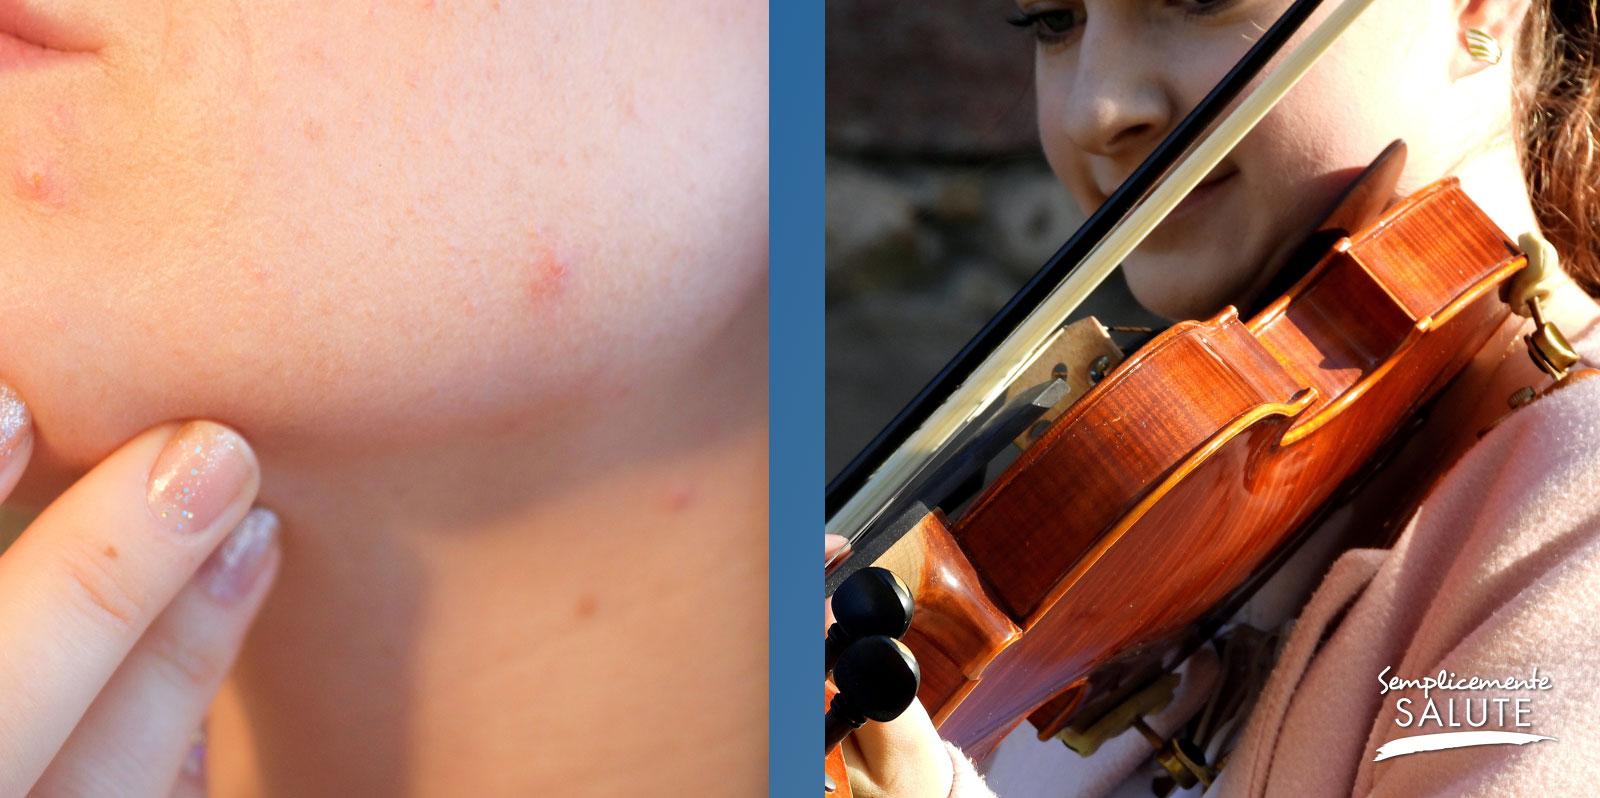 Esiste anche acne del violinista